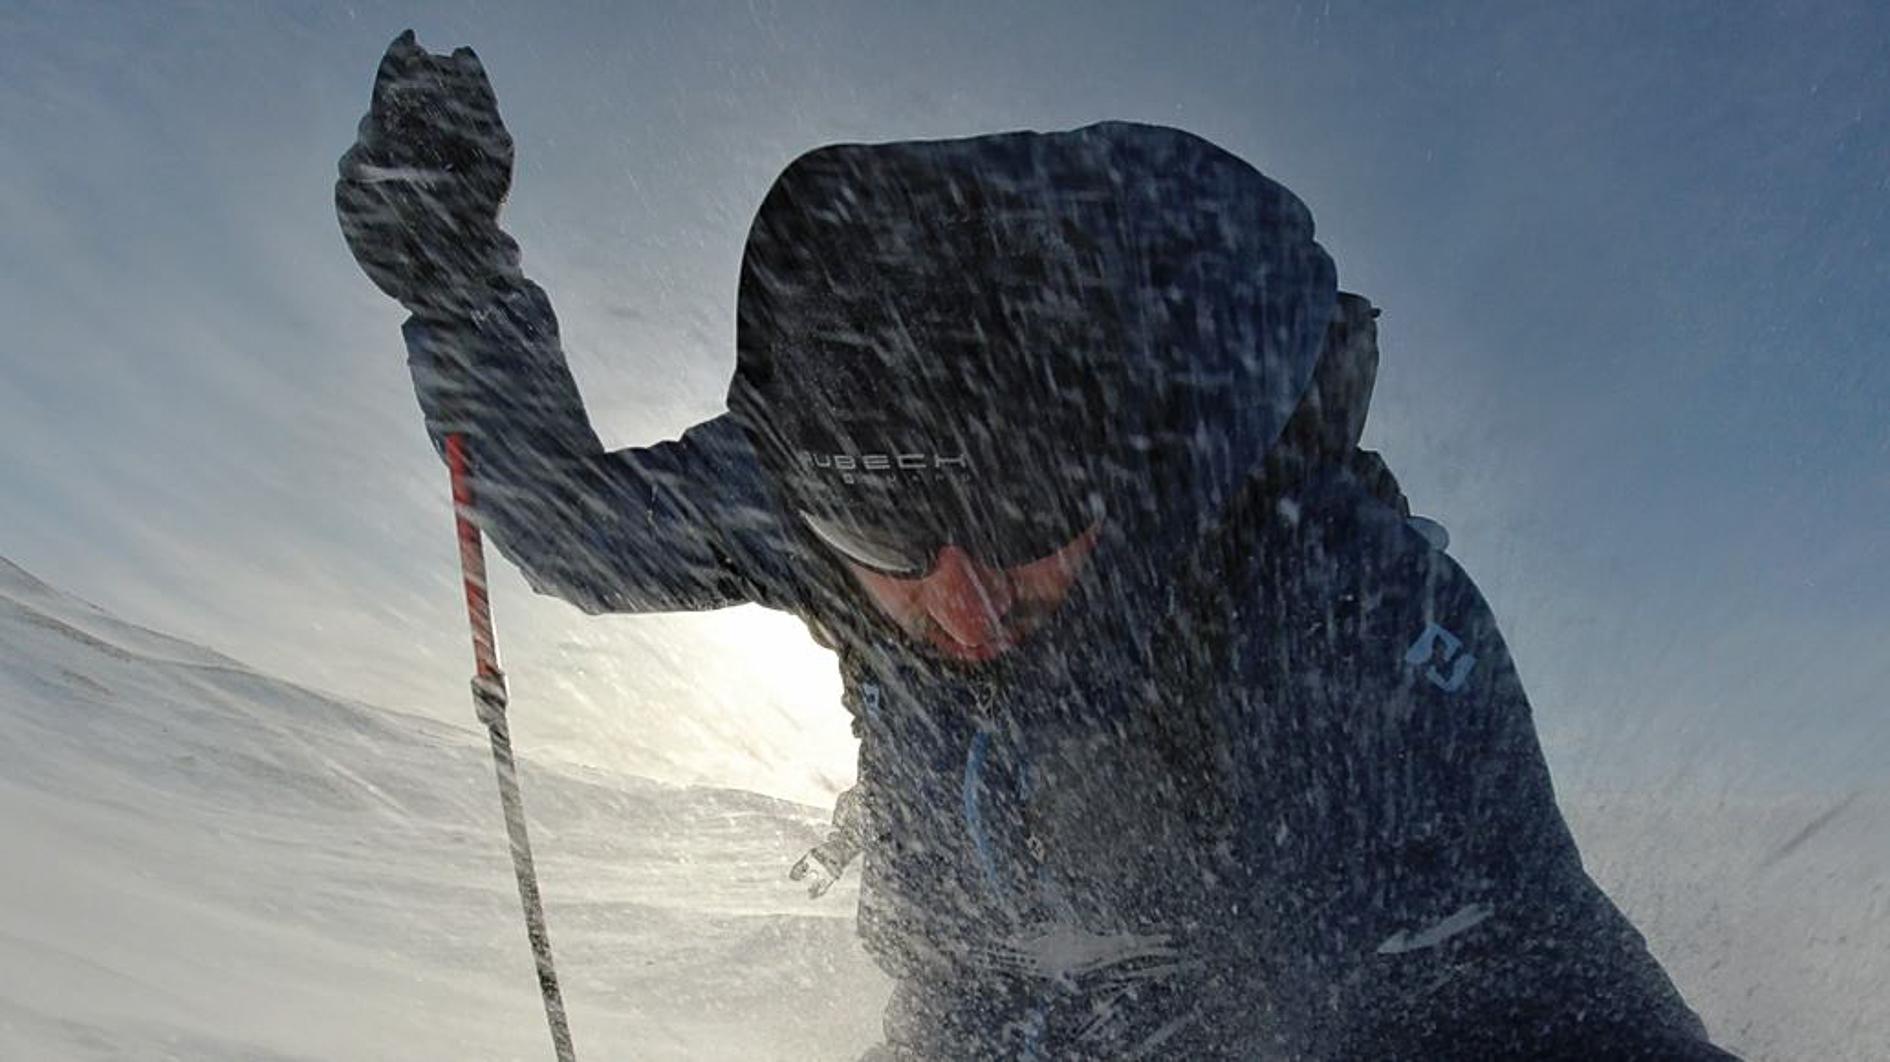 Na zdjęciu widoczny mężczyzna z kijkiem w prawej ręce. Przed nim okruszki śniegu. Autor Tomasz Kurczaba